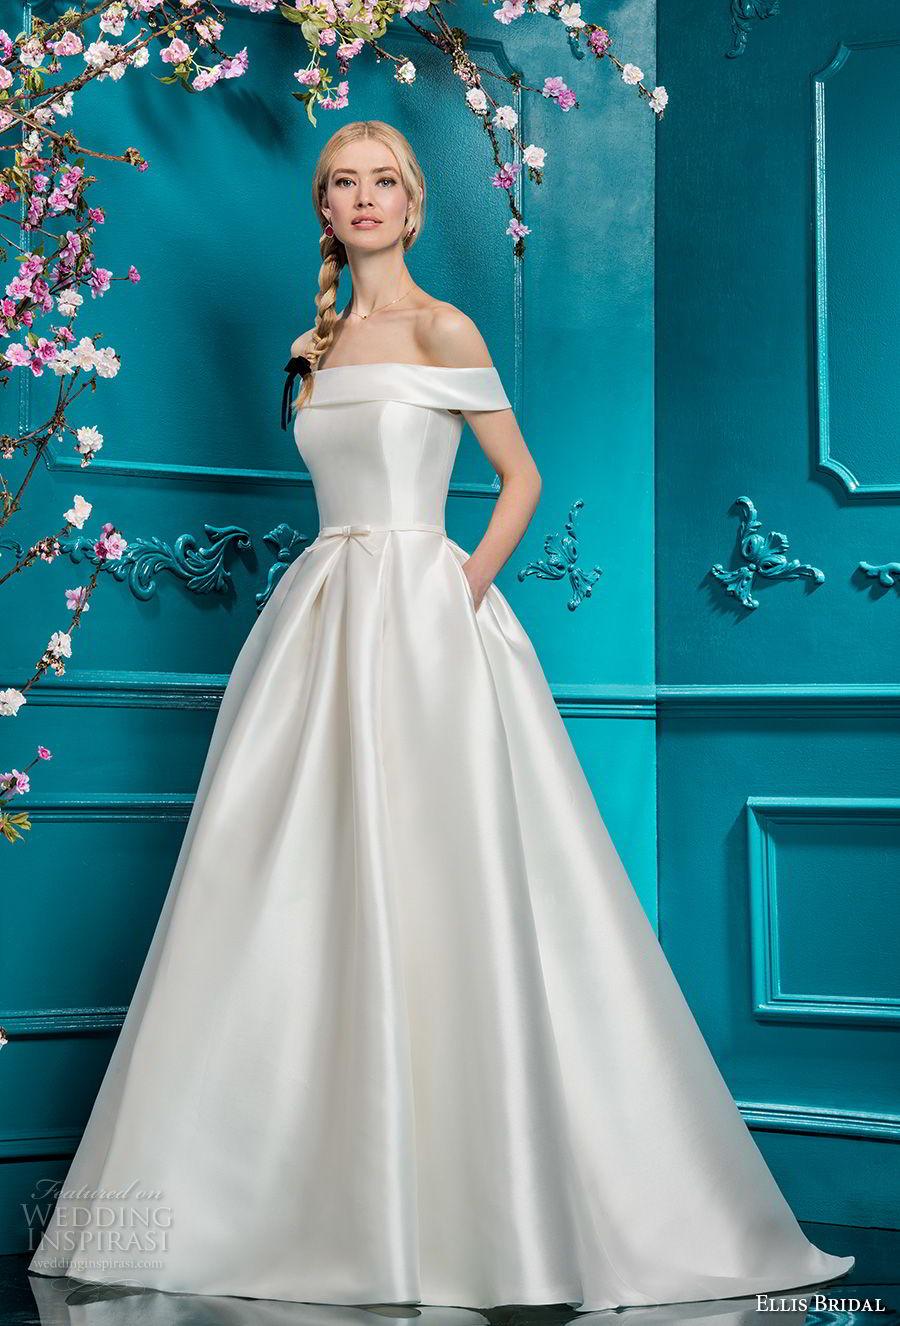 Ellis Bridals 2018 Wedding Dresses Dusk Bridal